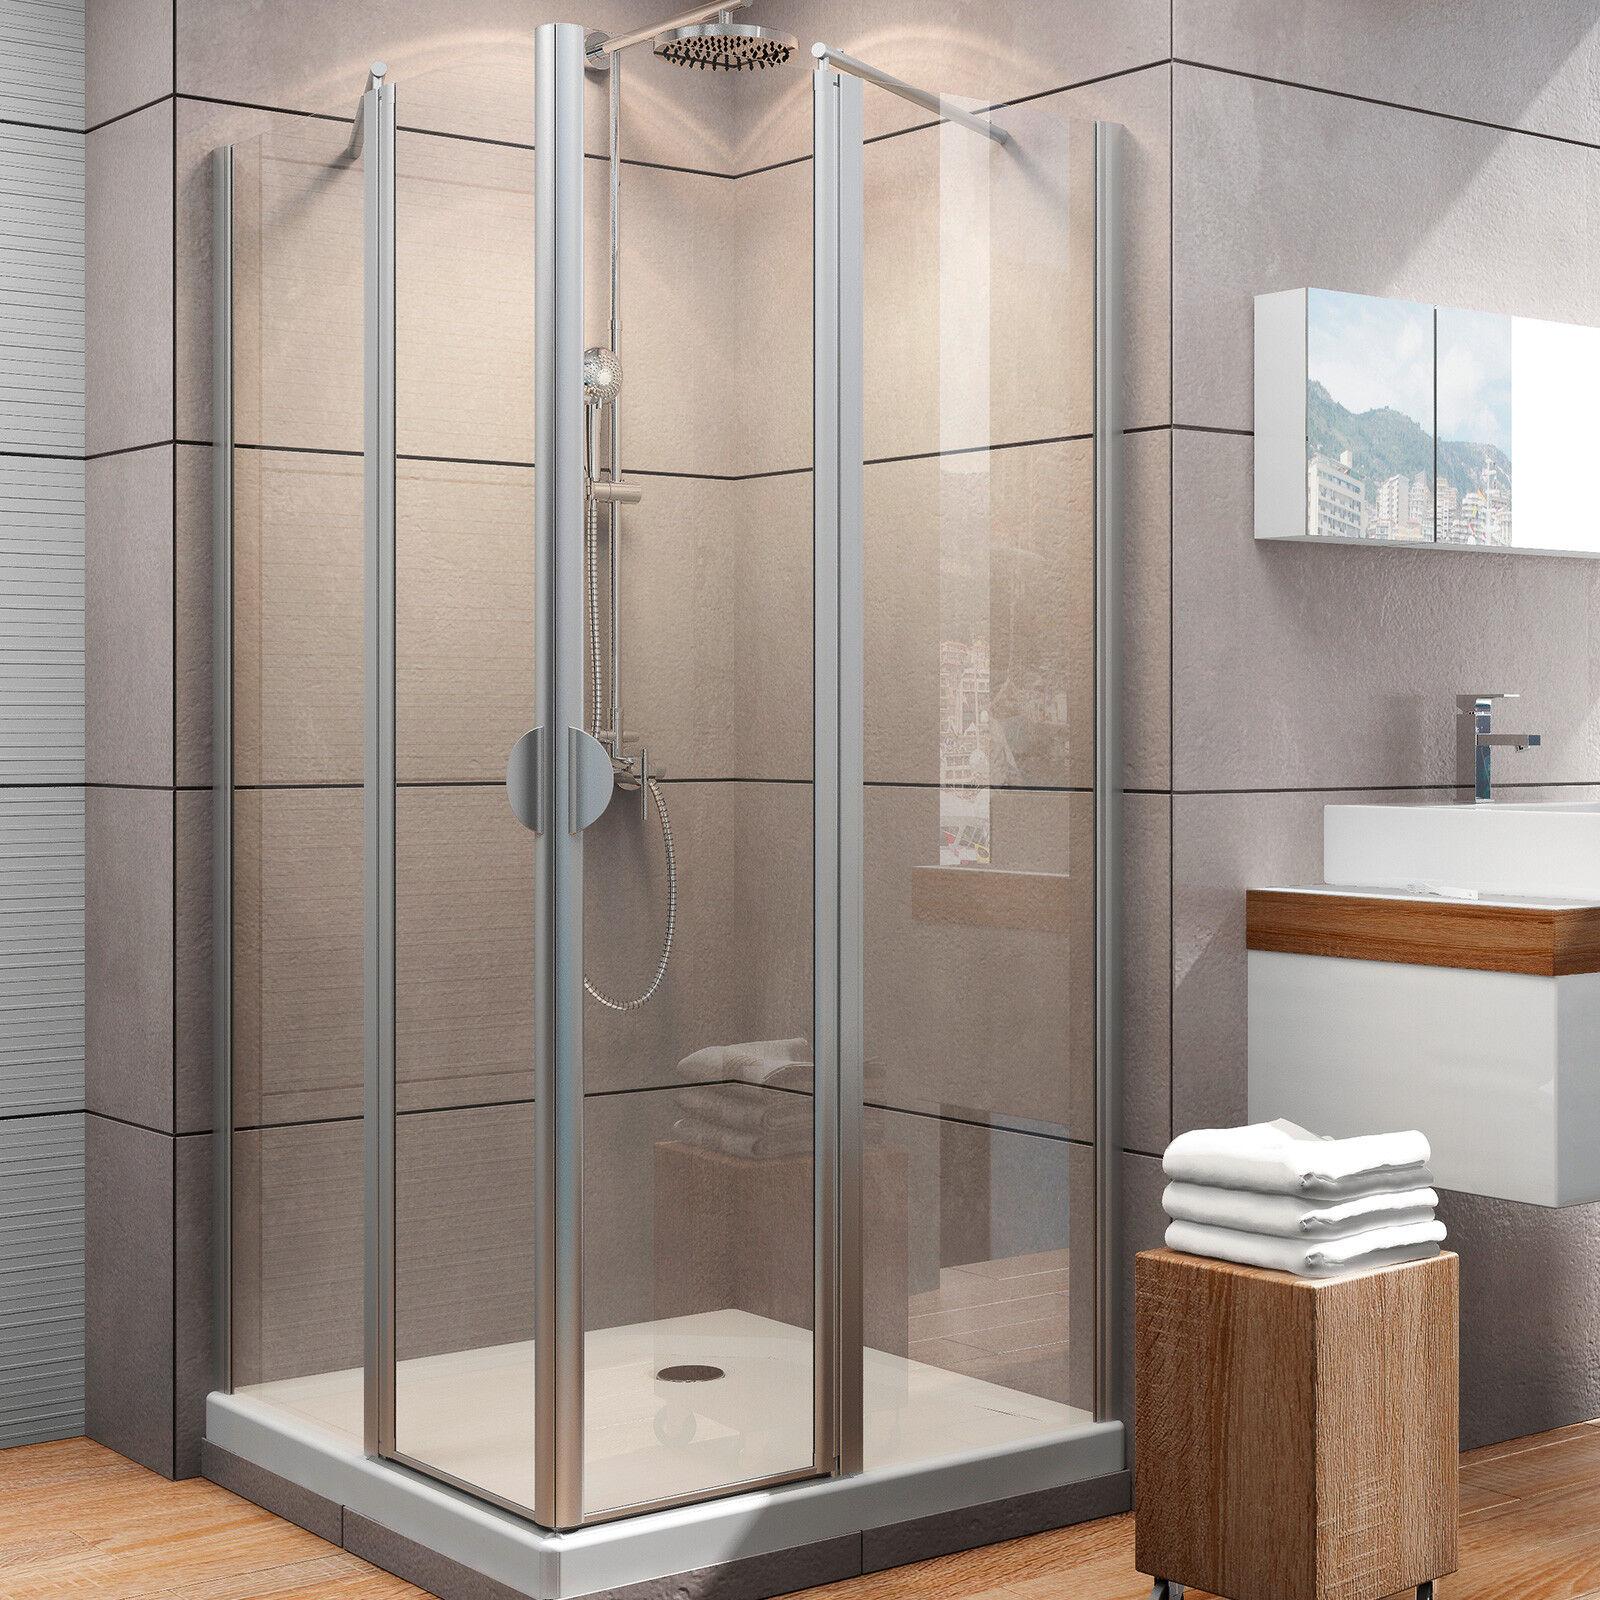 duschr ckw nde mehr als 200 angebote fotos preise seite 5. Black Bedroom Furniture Sets. Home Design Ideas